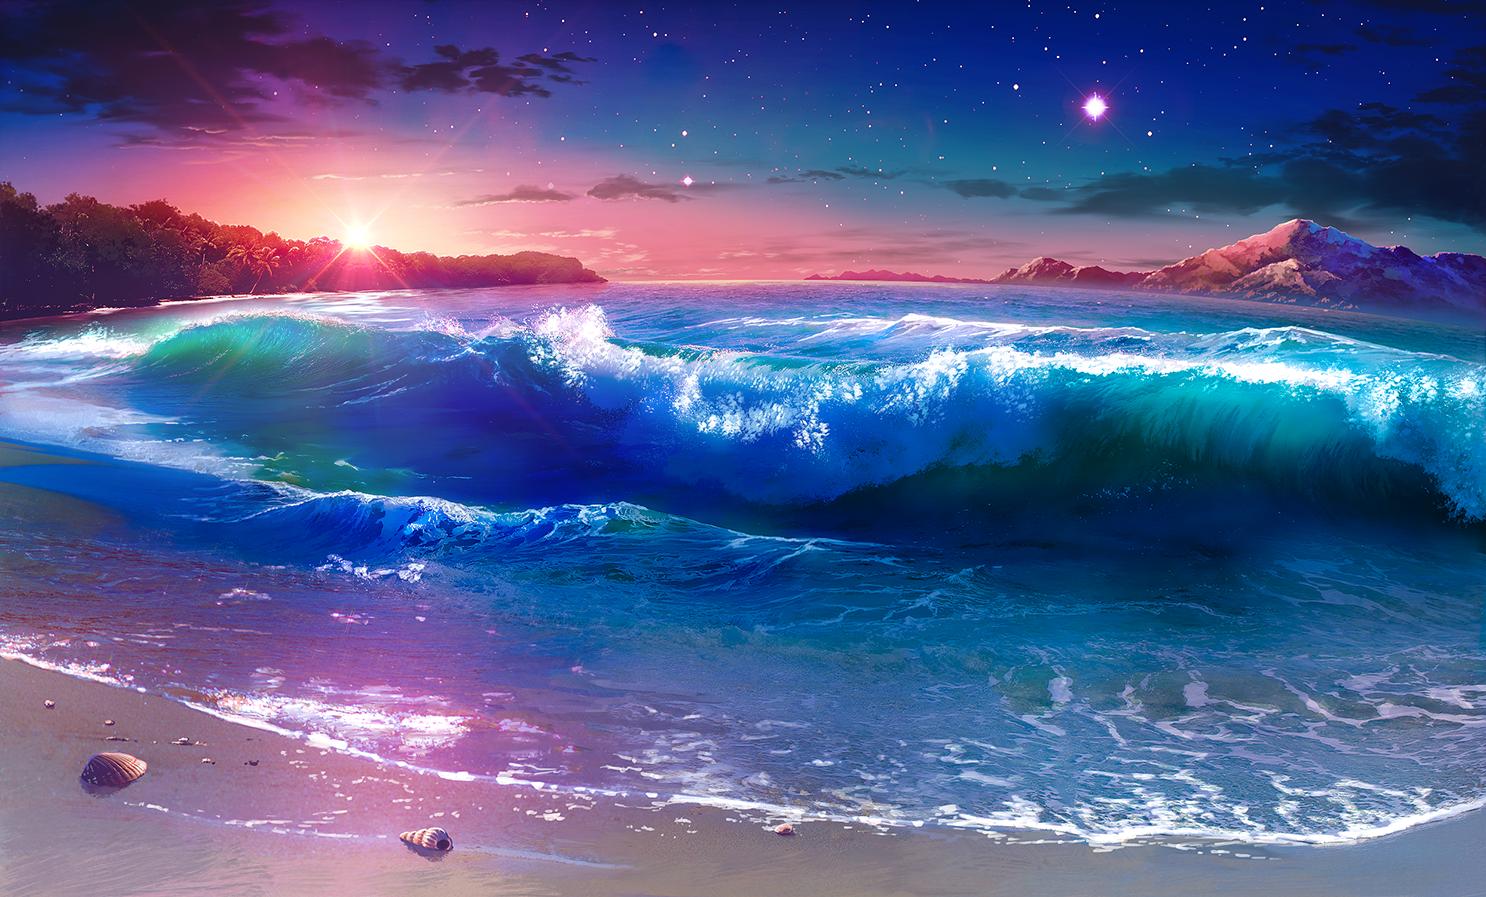 Wallpaper : artwork, sunset, clouds, waves, sky, beach